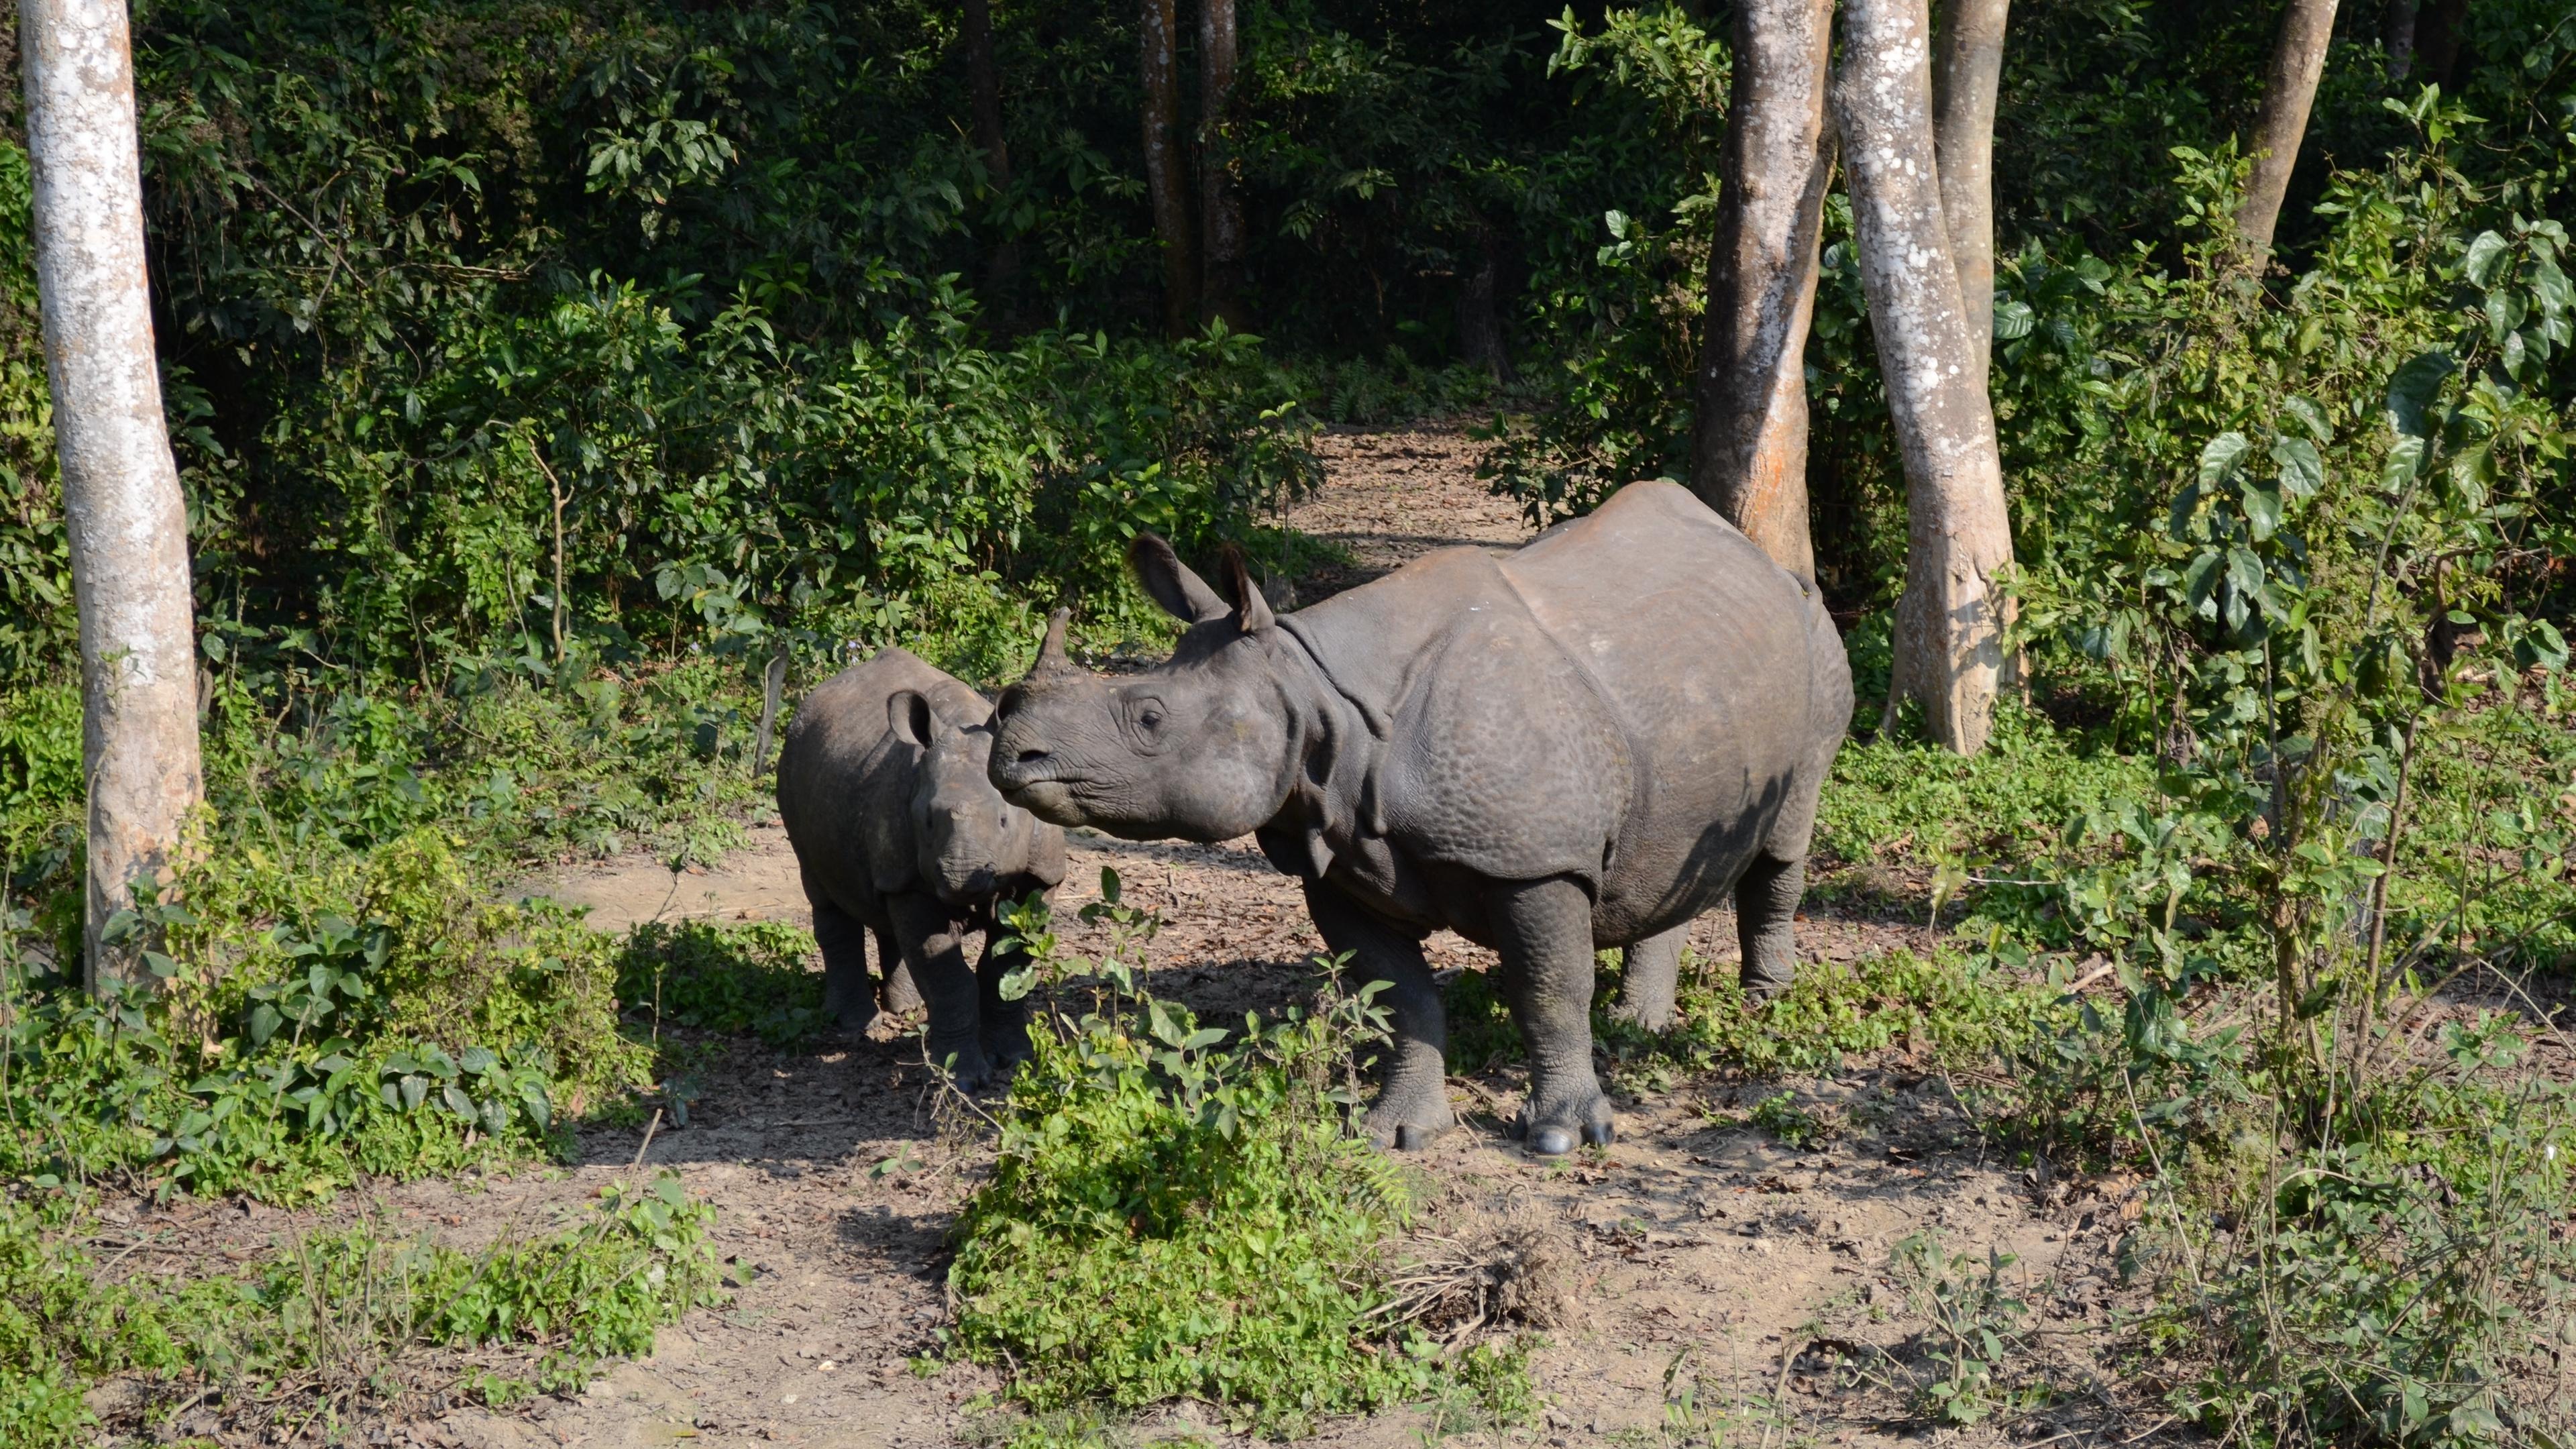 forest walk rhinos family 4k 1542242110 - forest, walk, rhinos, family 4k - walk, rhinos, Forest